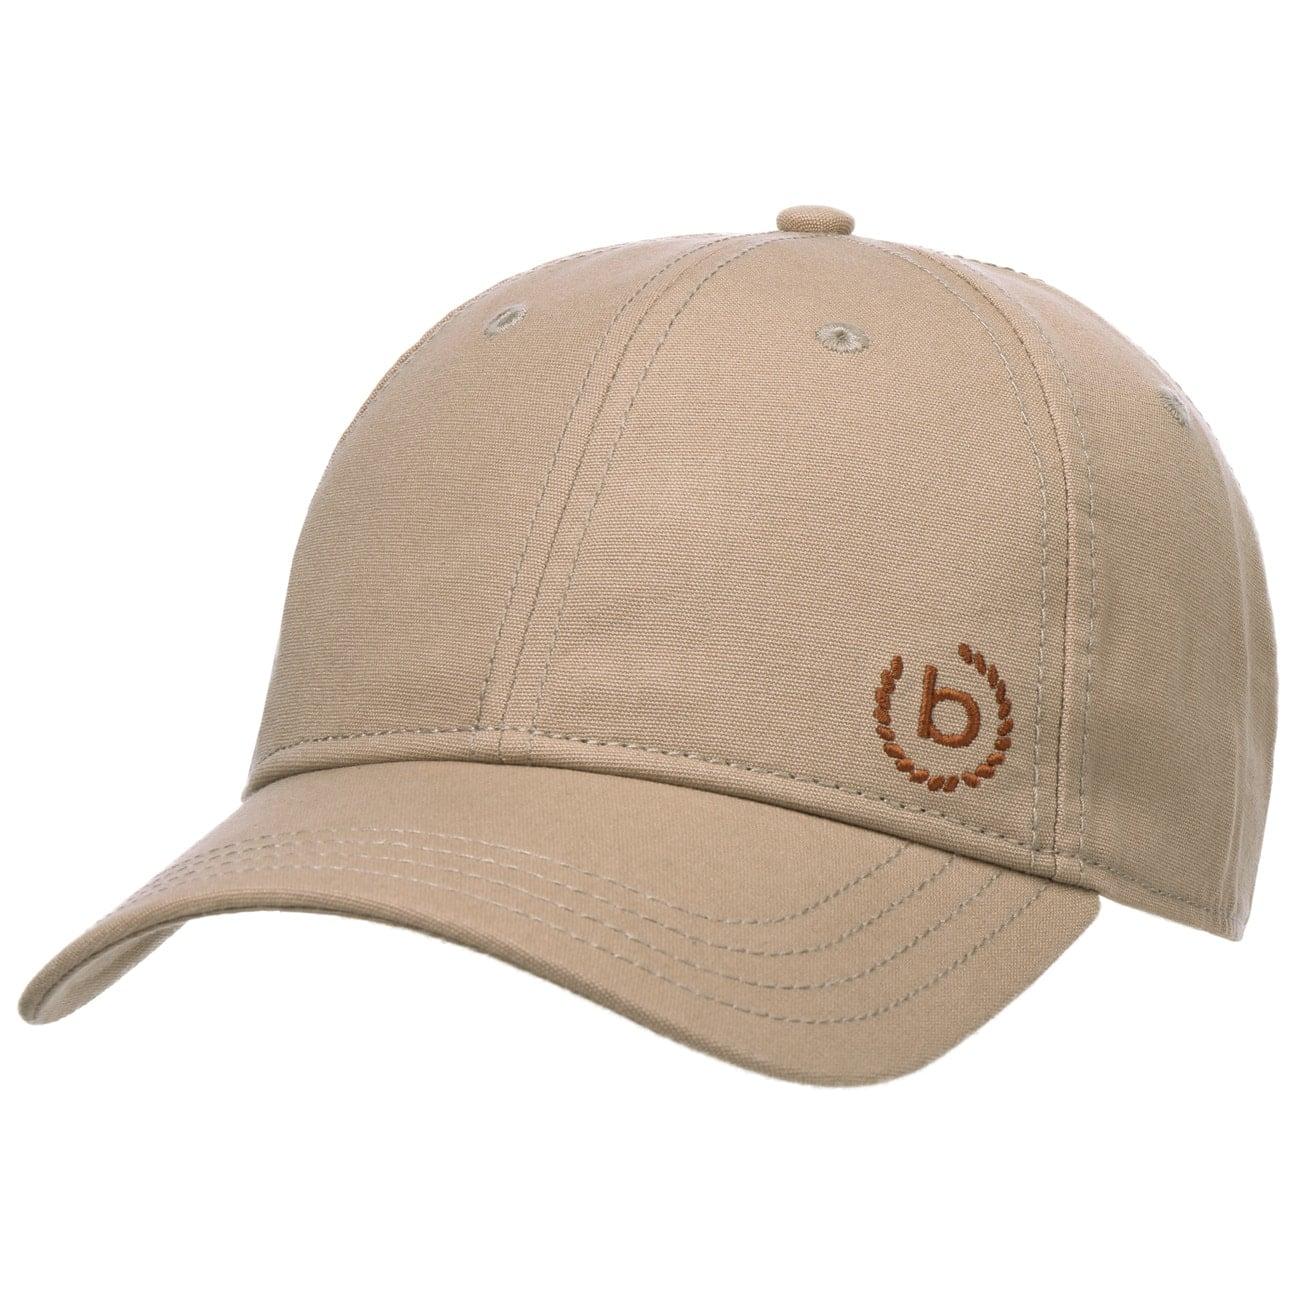 Casquette en Coton Organique by bugatti  casquette pour homme